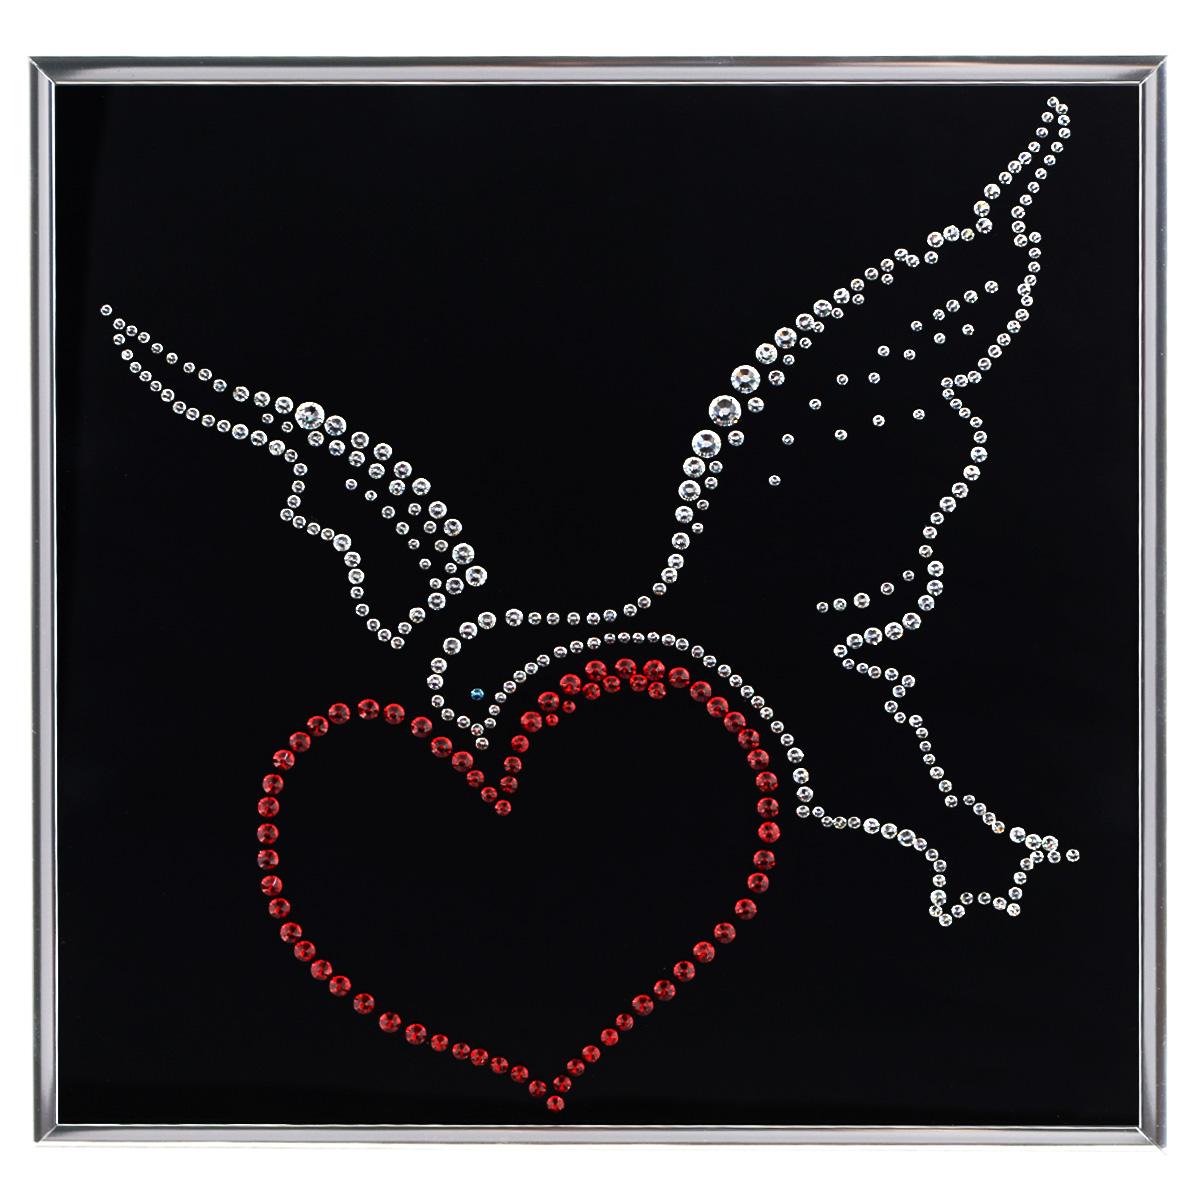 Картина с кристаллами Swarovski Птица счастья, 25 см х 25 см1253Изящная картина в металлической раме, инкрустирована кристаллами Swarovski, которые отличаются четкой и ровной огранкой, ярким блеском и чистотой цвета. Красочное изображение сердца с птицей, расположенное под стеклом, прекрасно дополняет блеск кристаллов. С обратной стороны имеется металлическая петелька для размещения картины на стене. Картина с кристаллами Swarovski Птица счастья элегантно украсит интерьер дома или офиса, а также станет прекрасным подарком, который обязательно понравится получателю. Блеск кристаллов в интерьере, что может быть сказочнее и удивительнее. Картина упакована в подарочную картонную коробку синего цвета и комплектуется сертификатом соответствия Swarovski.